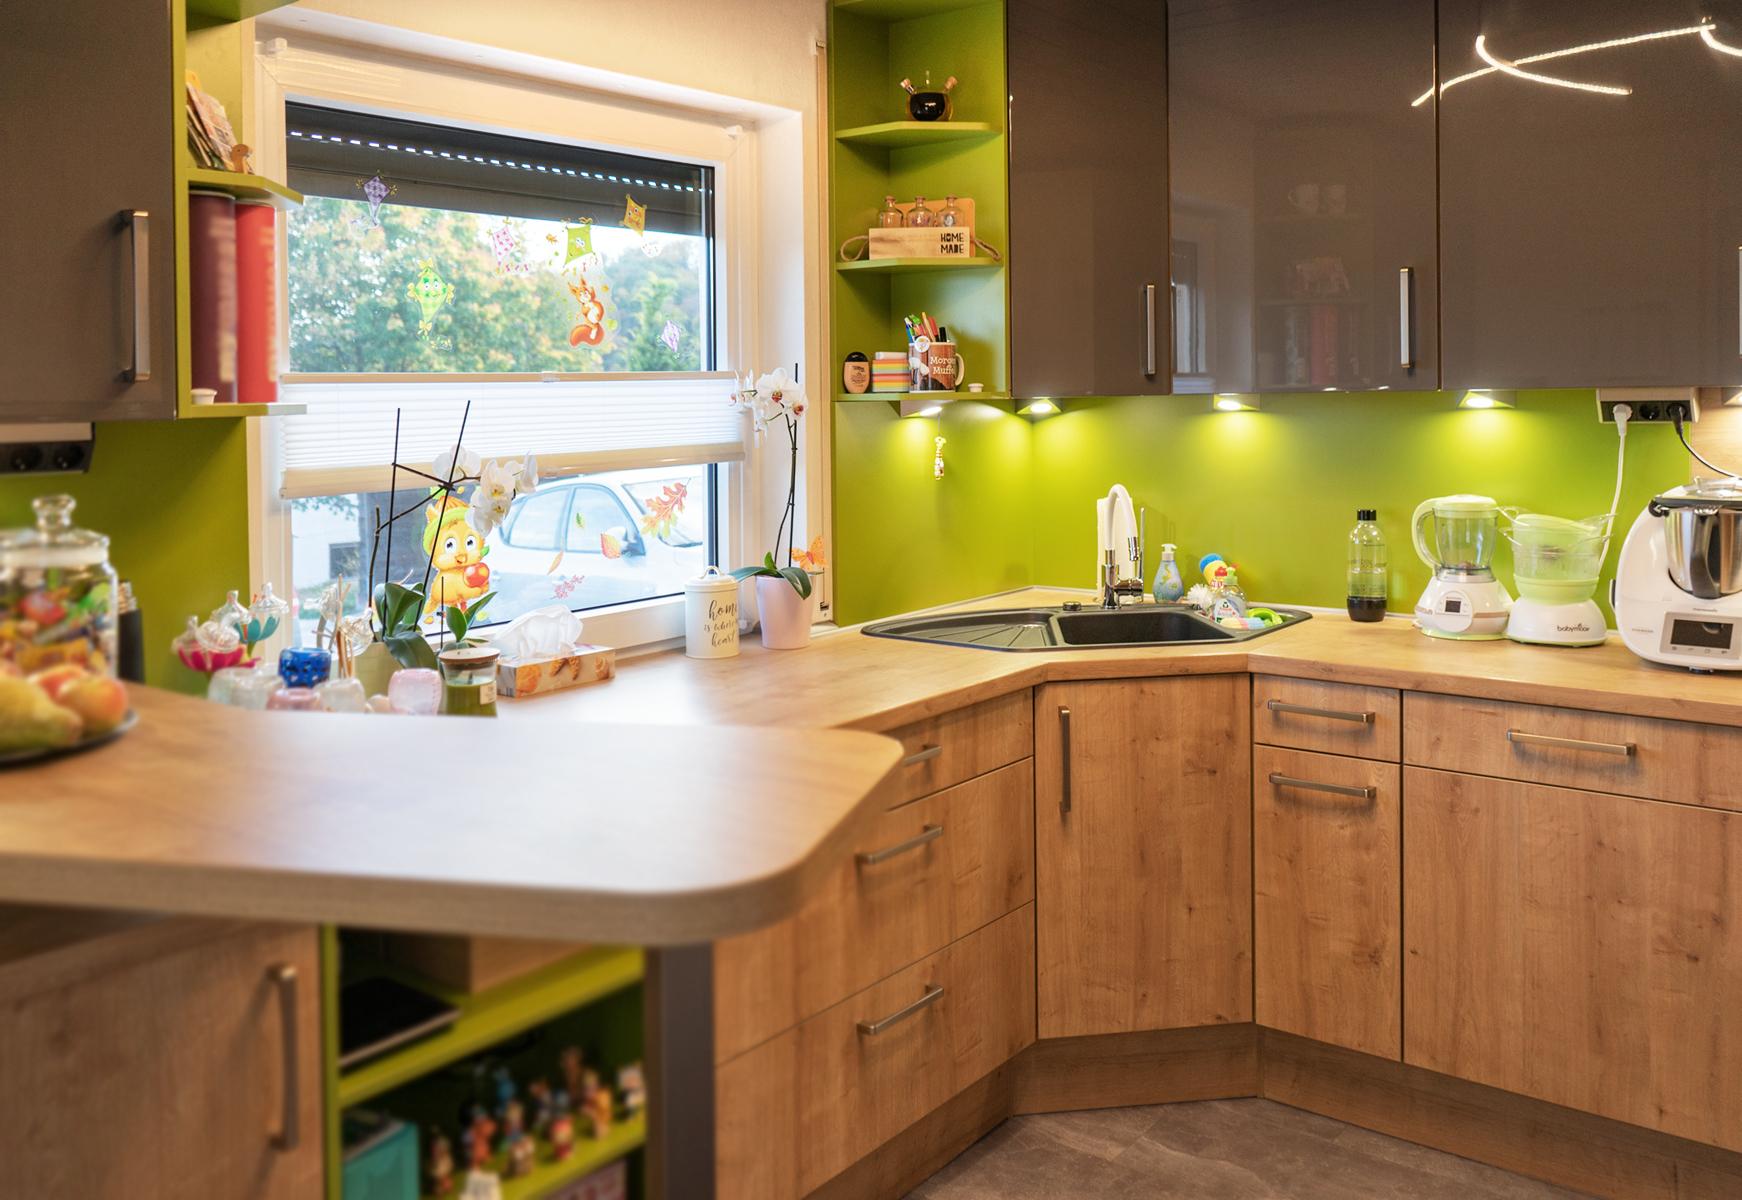 Kundenküche Leitzweiler - Holz, Grün, Anthrazit